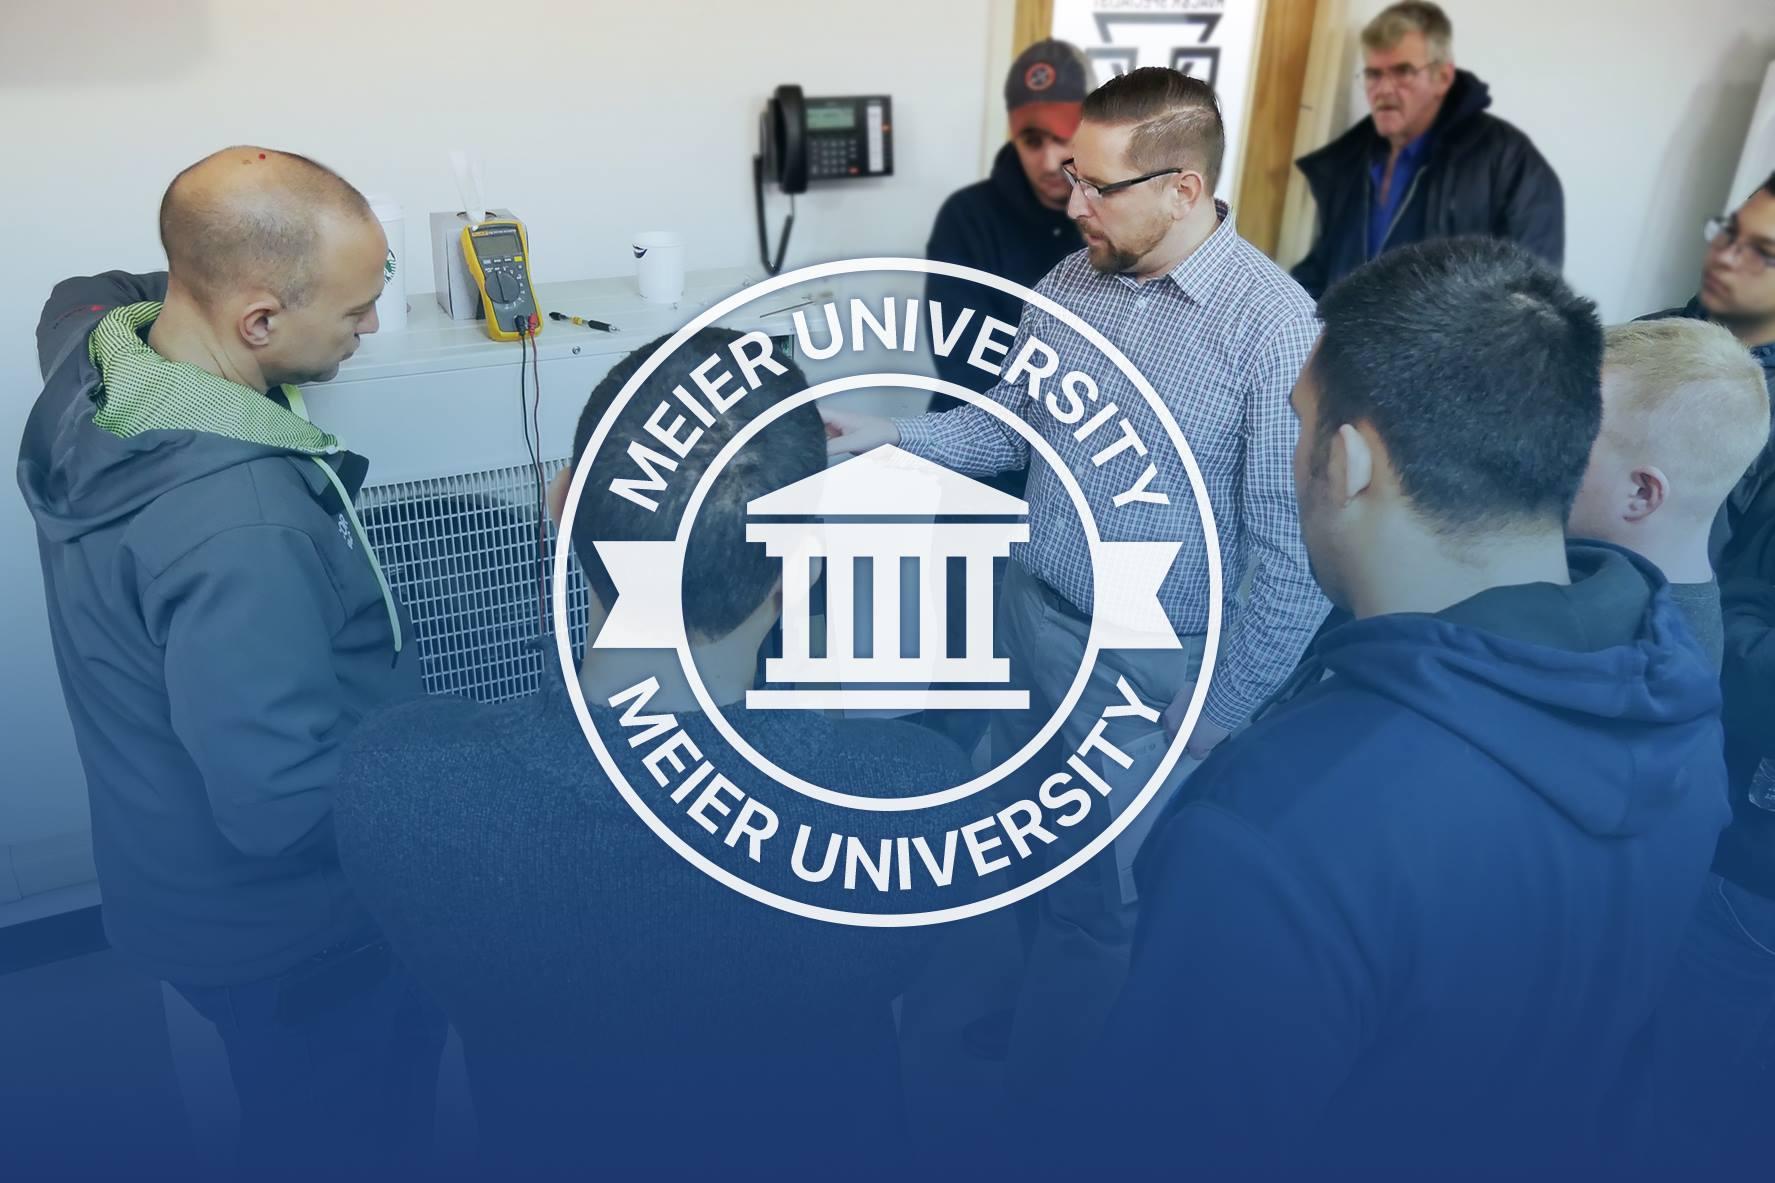 Meier University